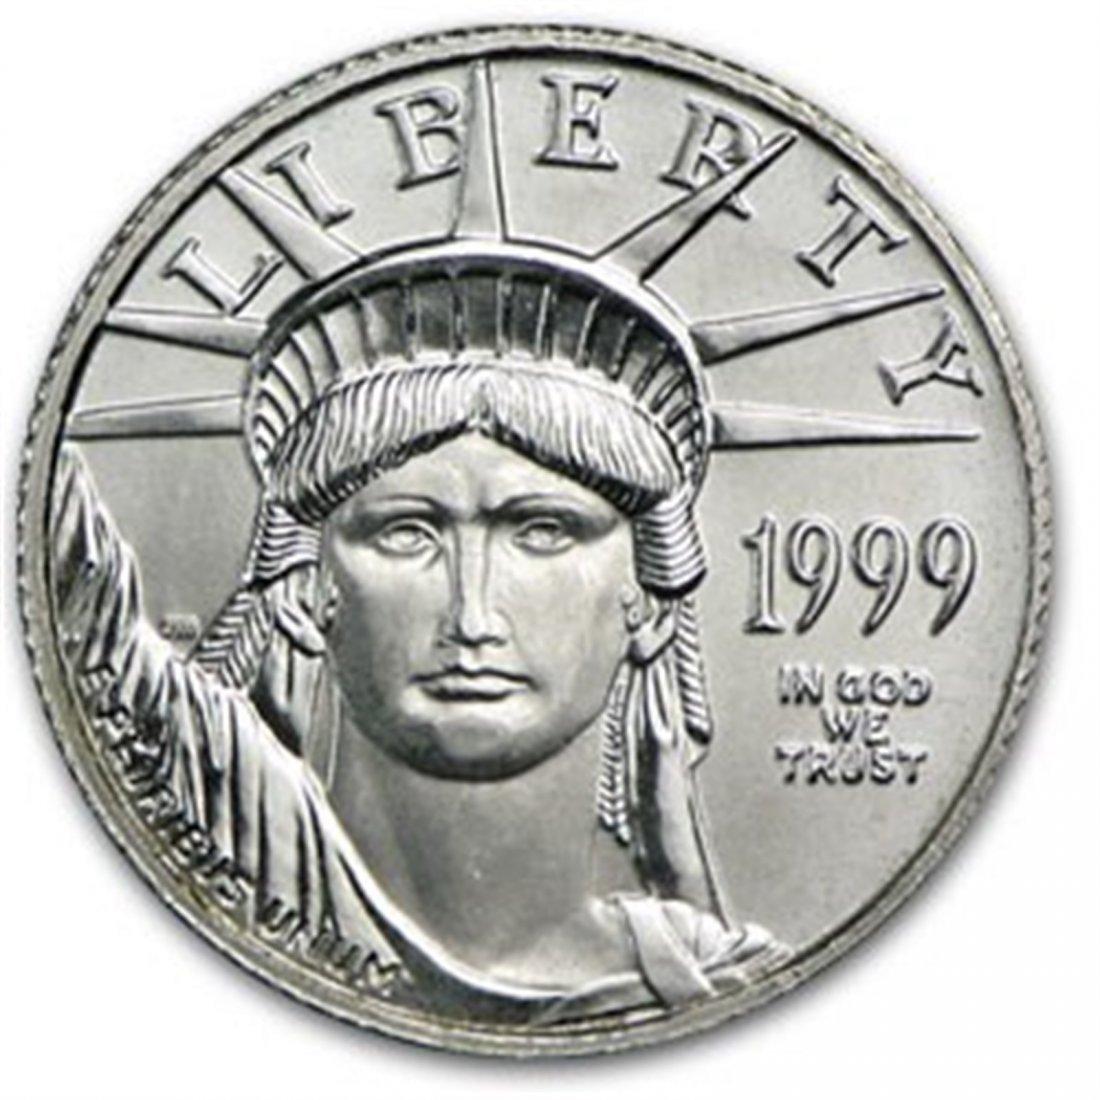 1999 1/10 oz Platinum American Eagle BU